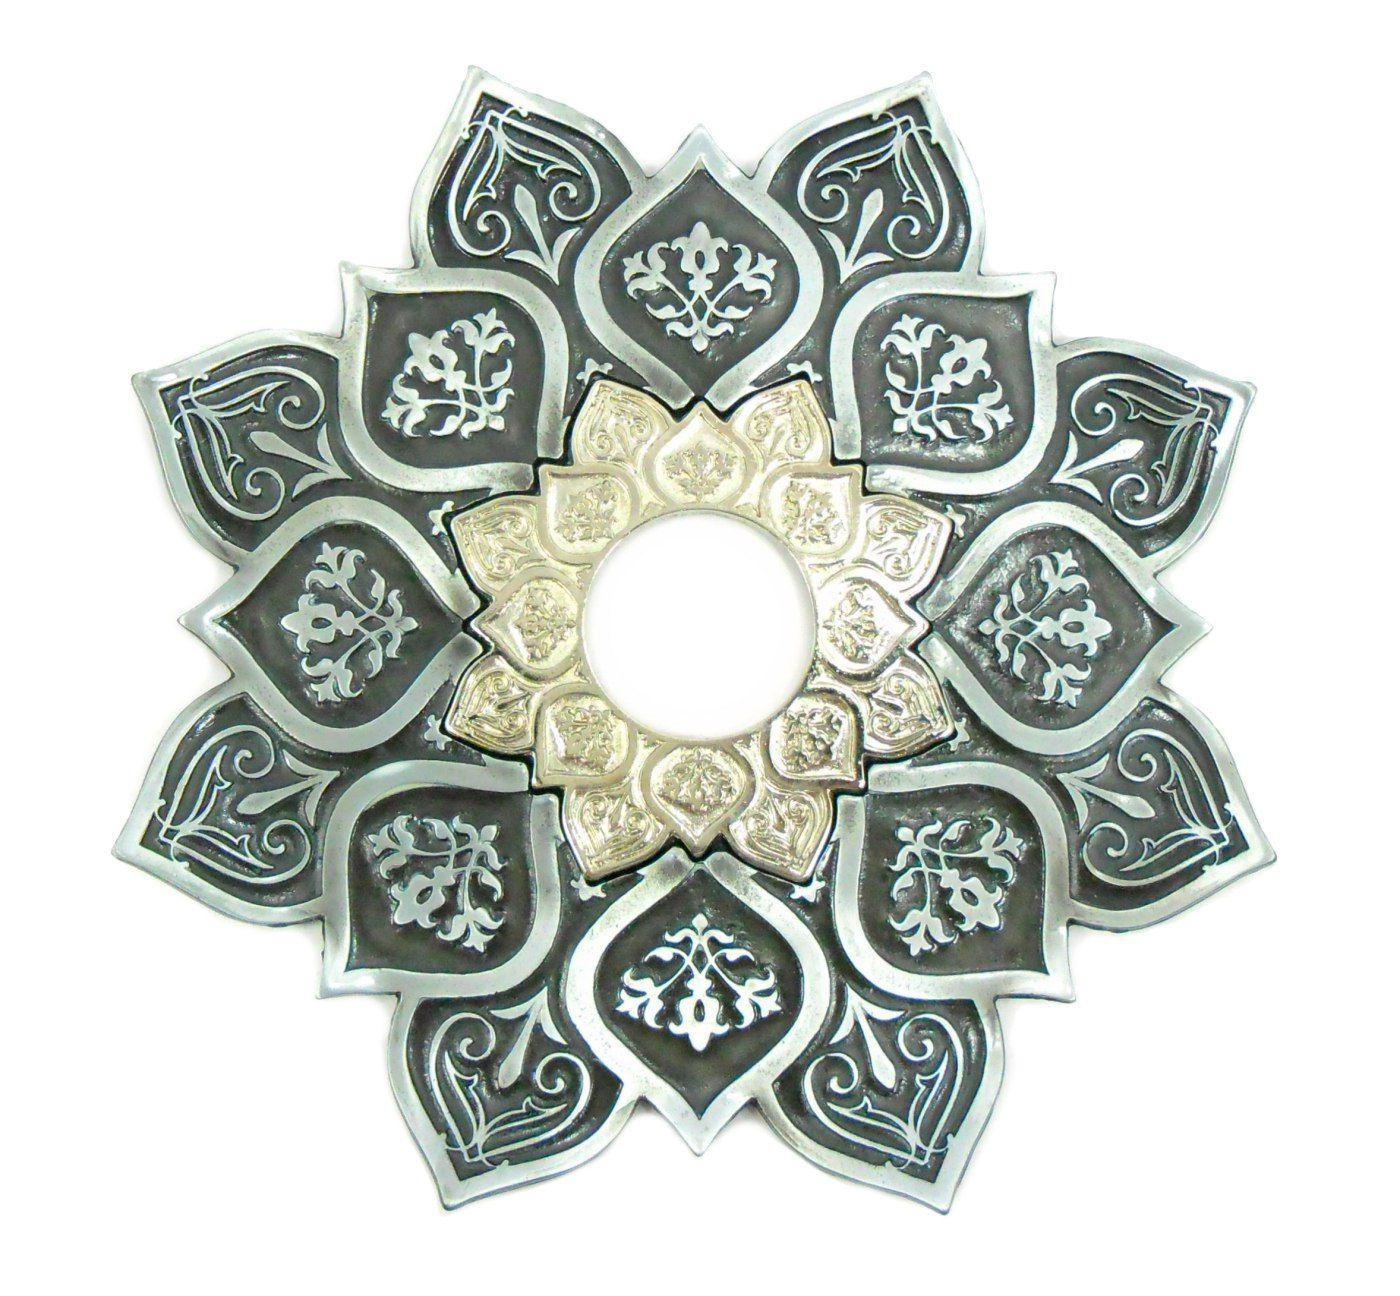 Prato para narguile mod. Athenas 23cm em liga metálica inox e decorado. Cor PRETO ESCOVADO centro Prateado